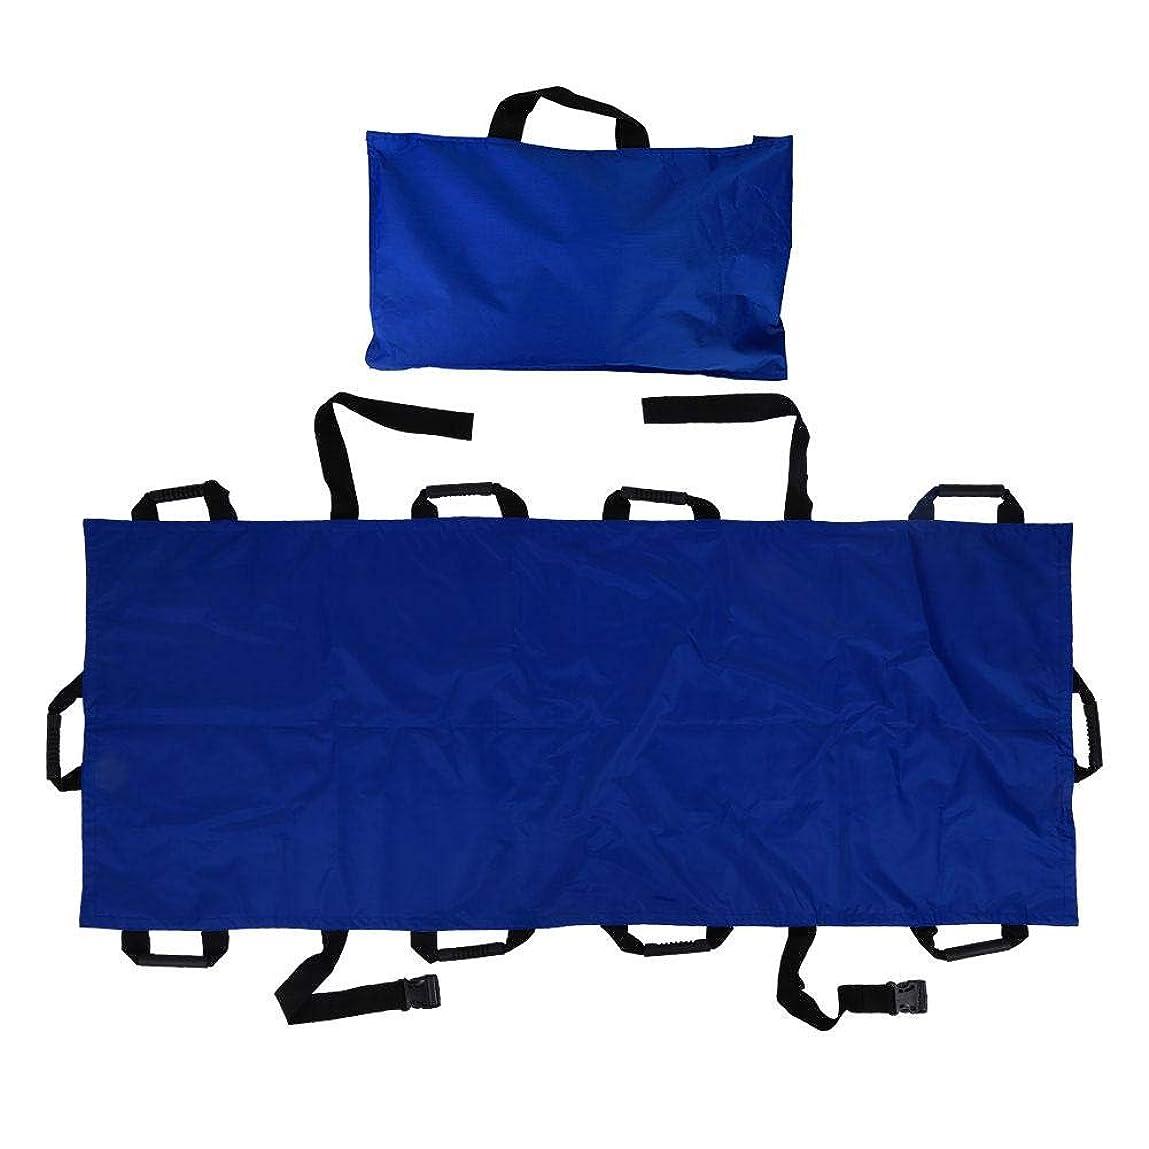 私ニコチンシンプルさポータブル輸送ストレッチャー、10ハンドル付きオックスフォード布折りたたみソフトストレッチャー